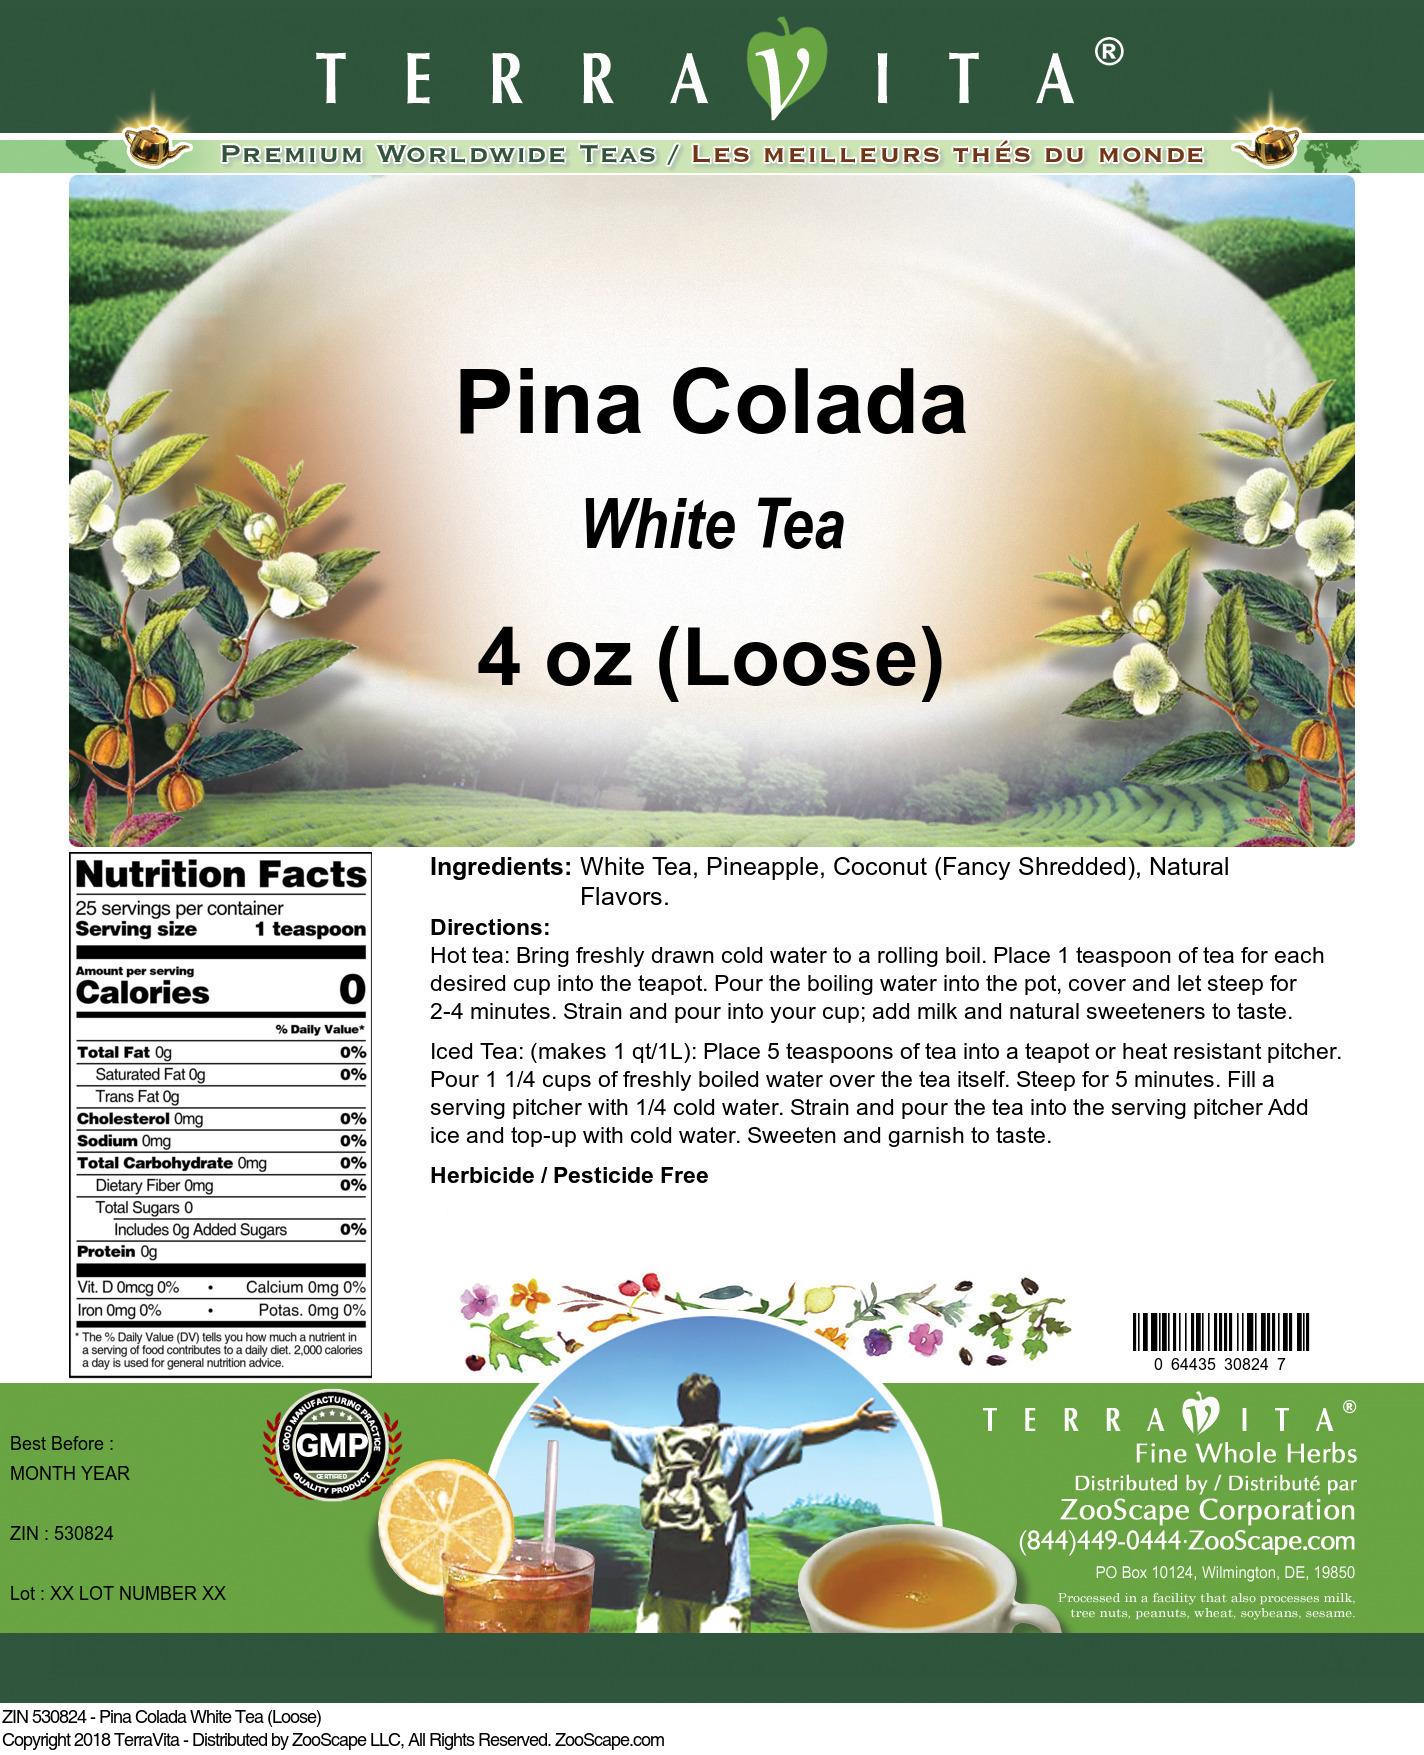 Pina Colada White Tea